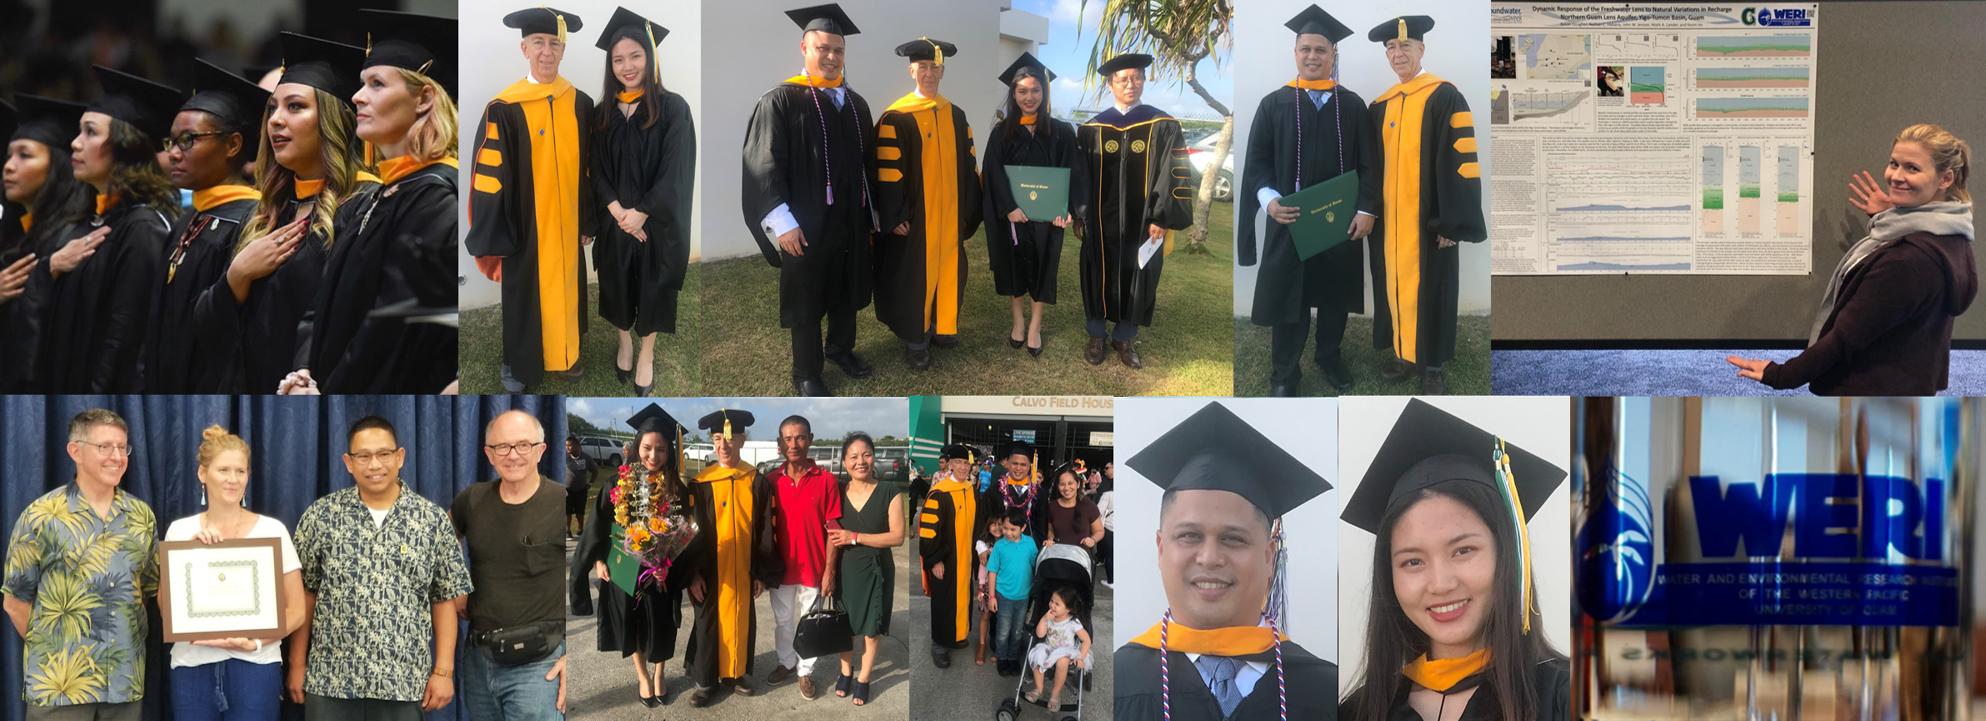 2019 UOG Graduates from WERI